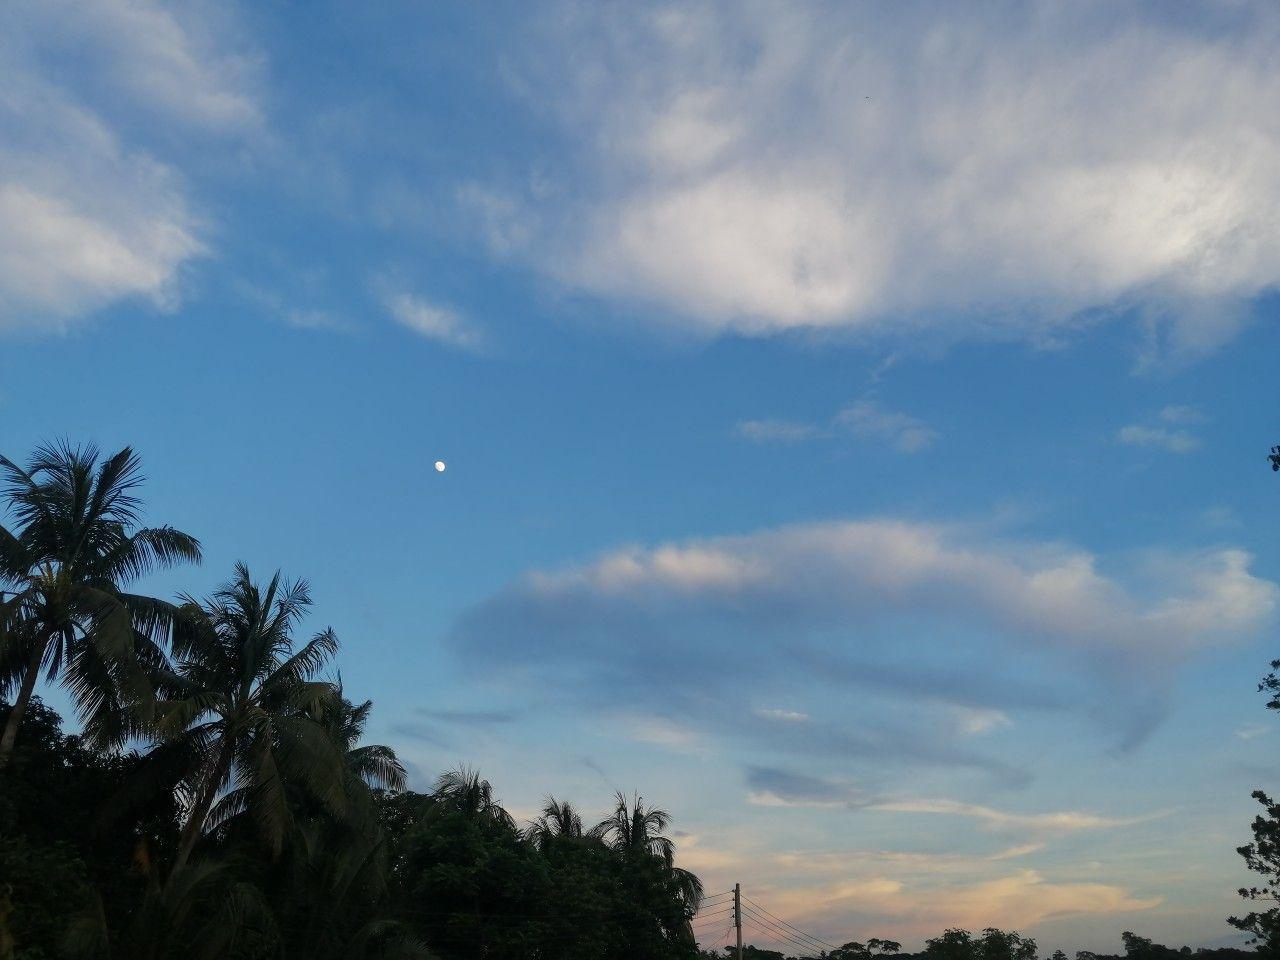 #sky #photo #photography #photographyoftheday #nature